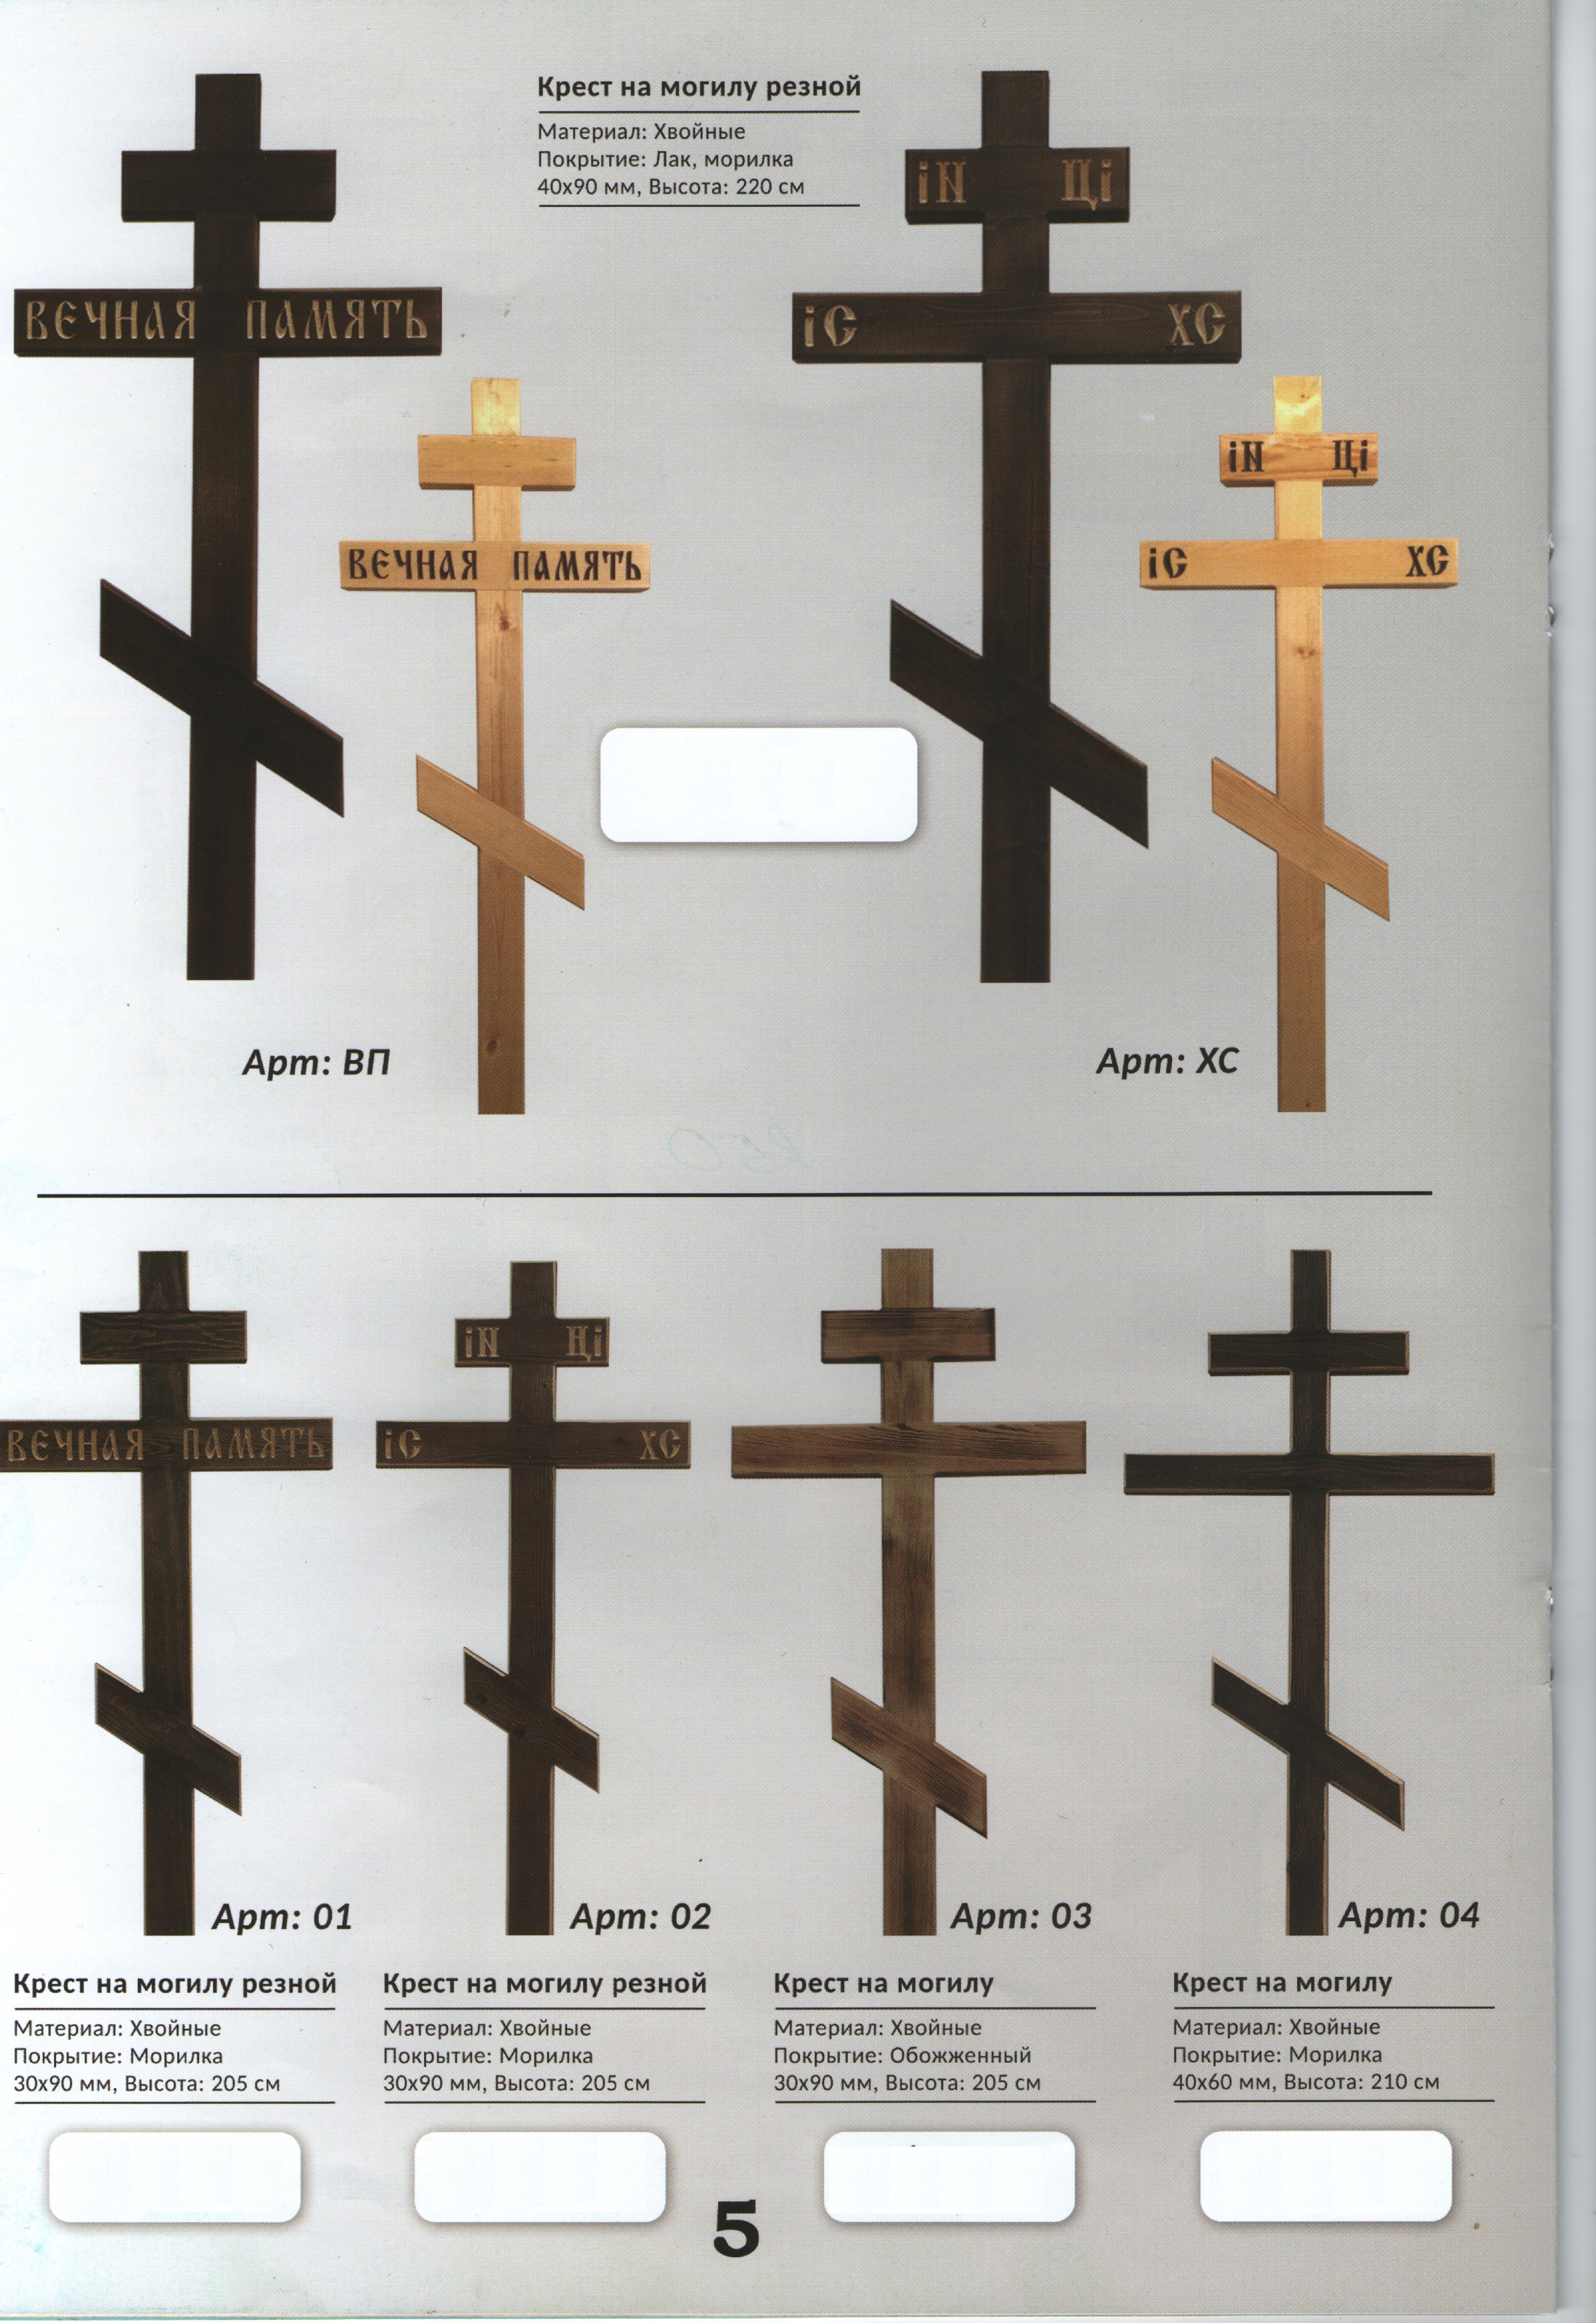 кресты 2019-01-27 001